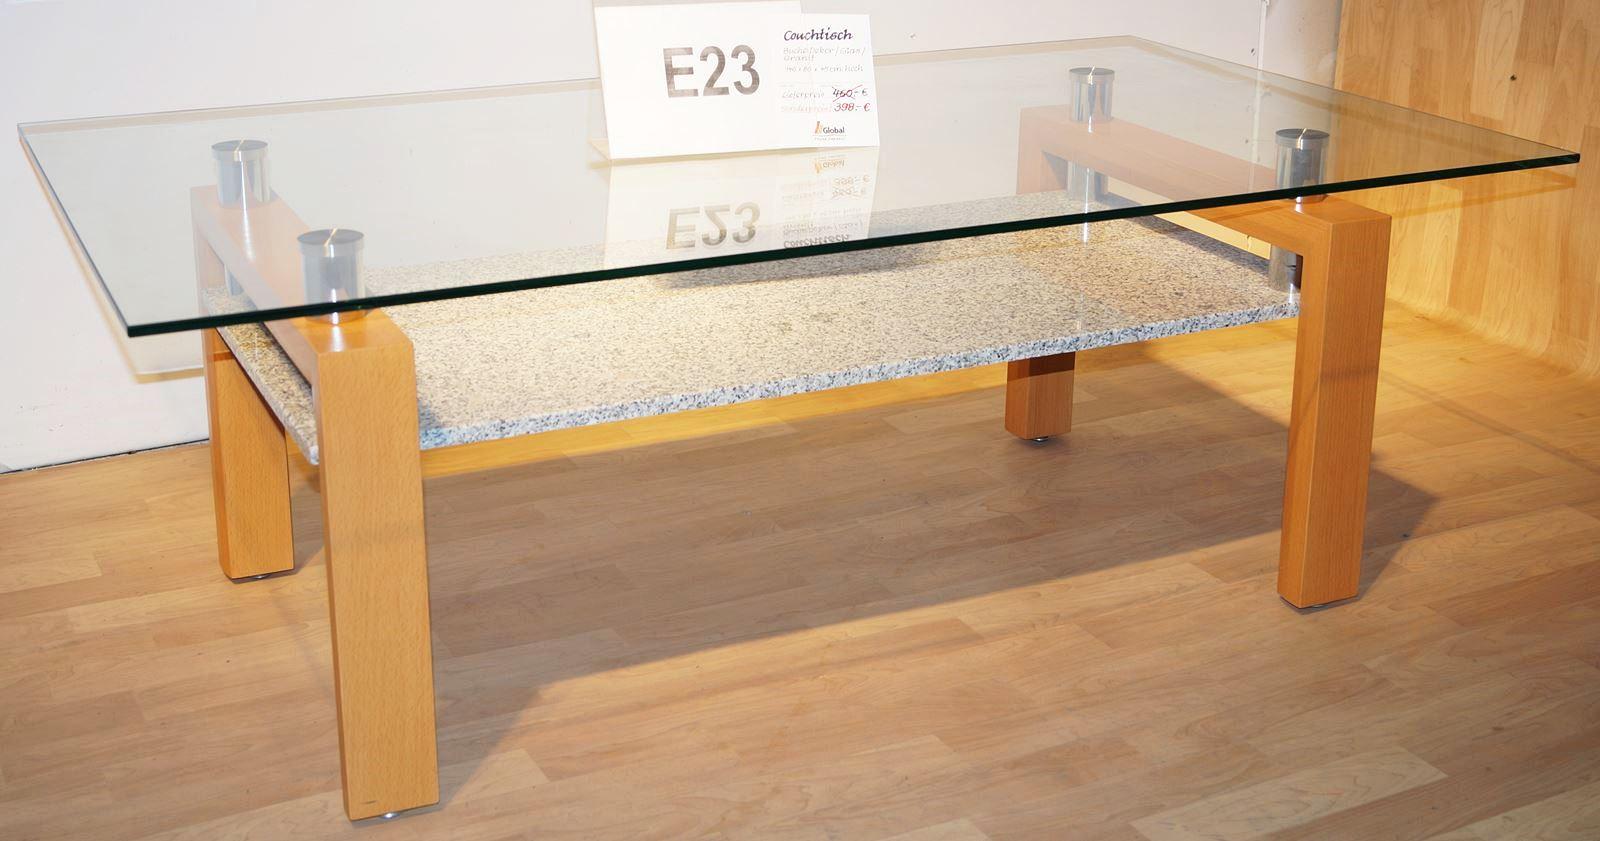 Couchtisch Wohnzimmer Tisch Glastisch Beistelltisch Buche Dekor Glas Granit  NEU E23